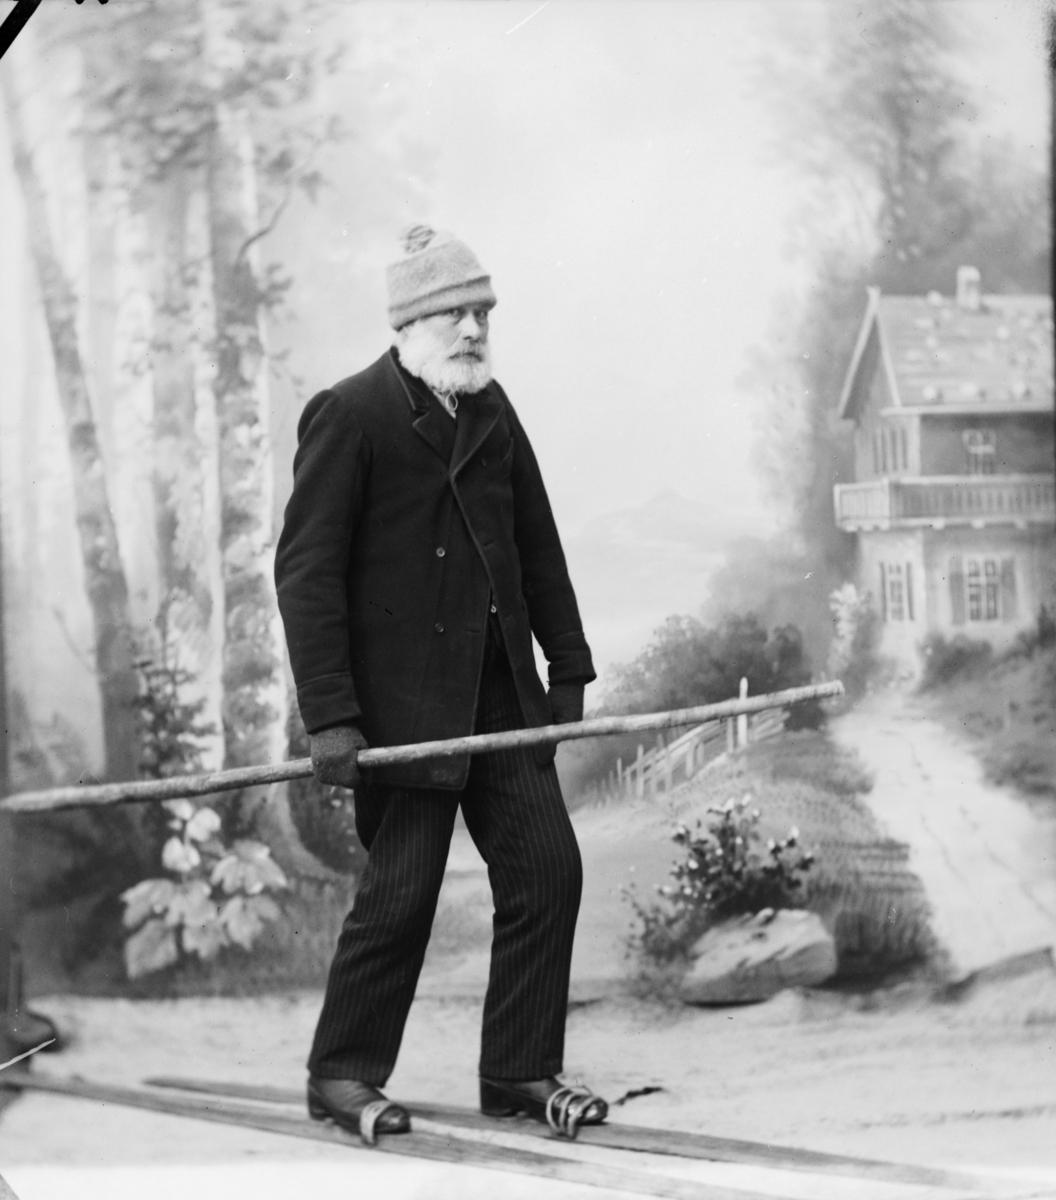 Skomakermester Mathias Nilsen